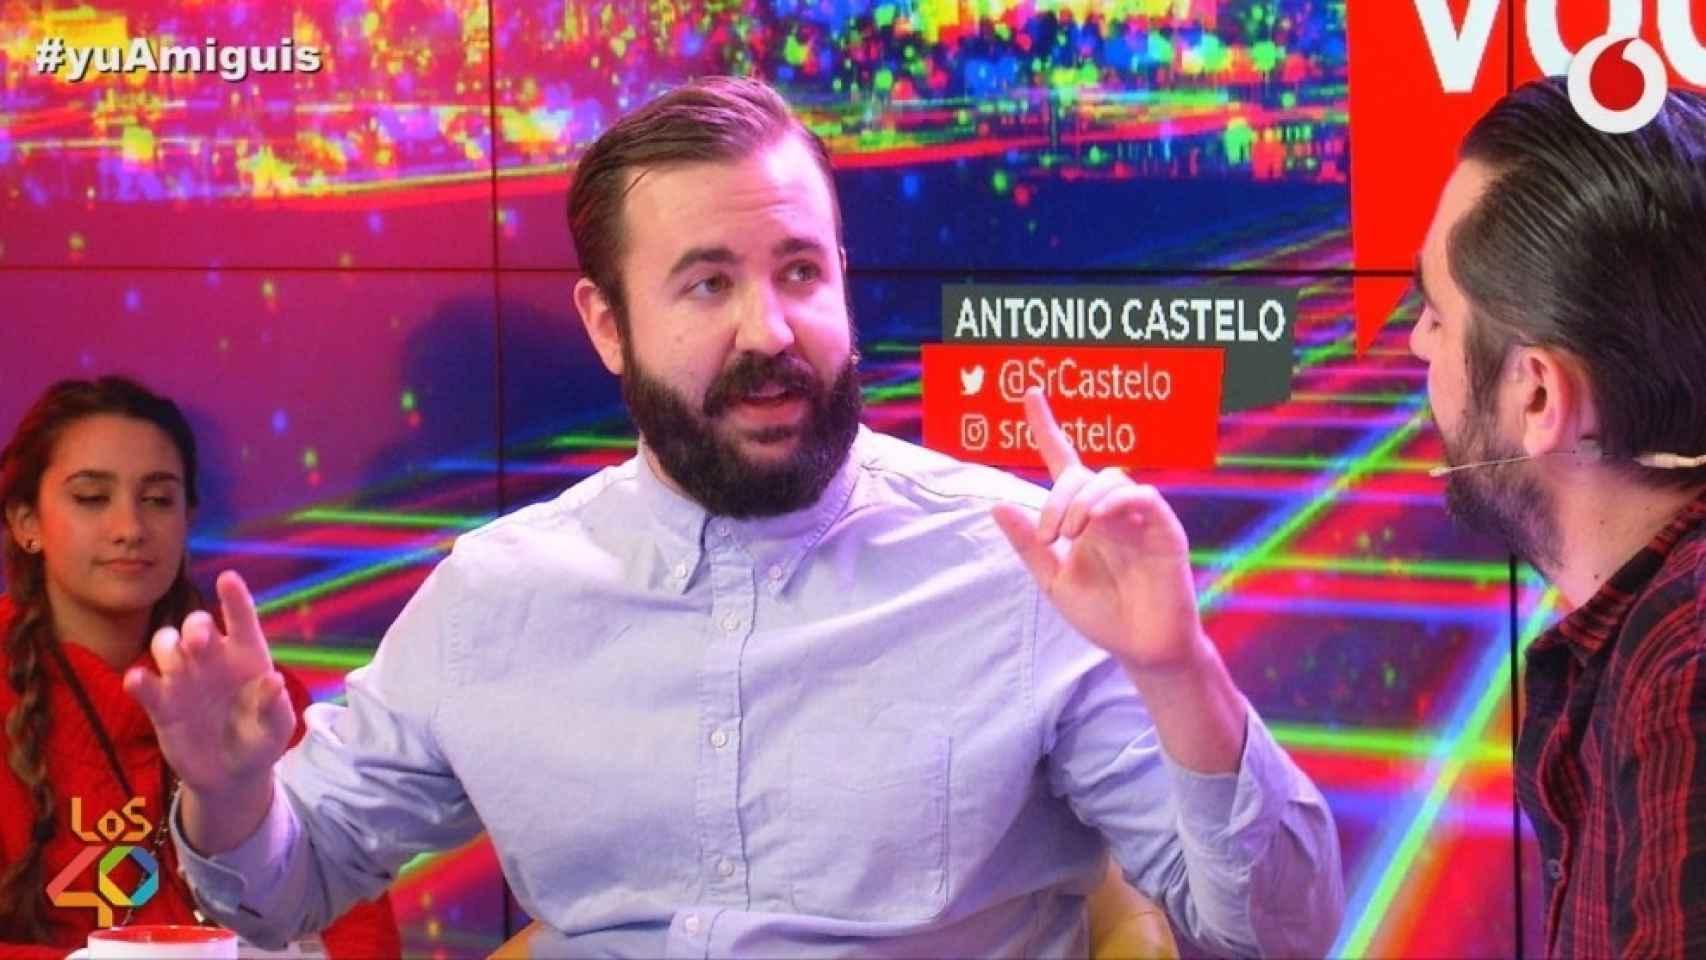 Antonio Castelo en Vodafone Yu, Los40.